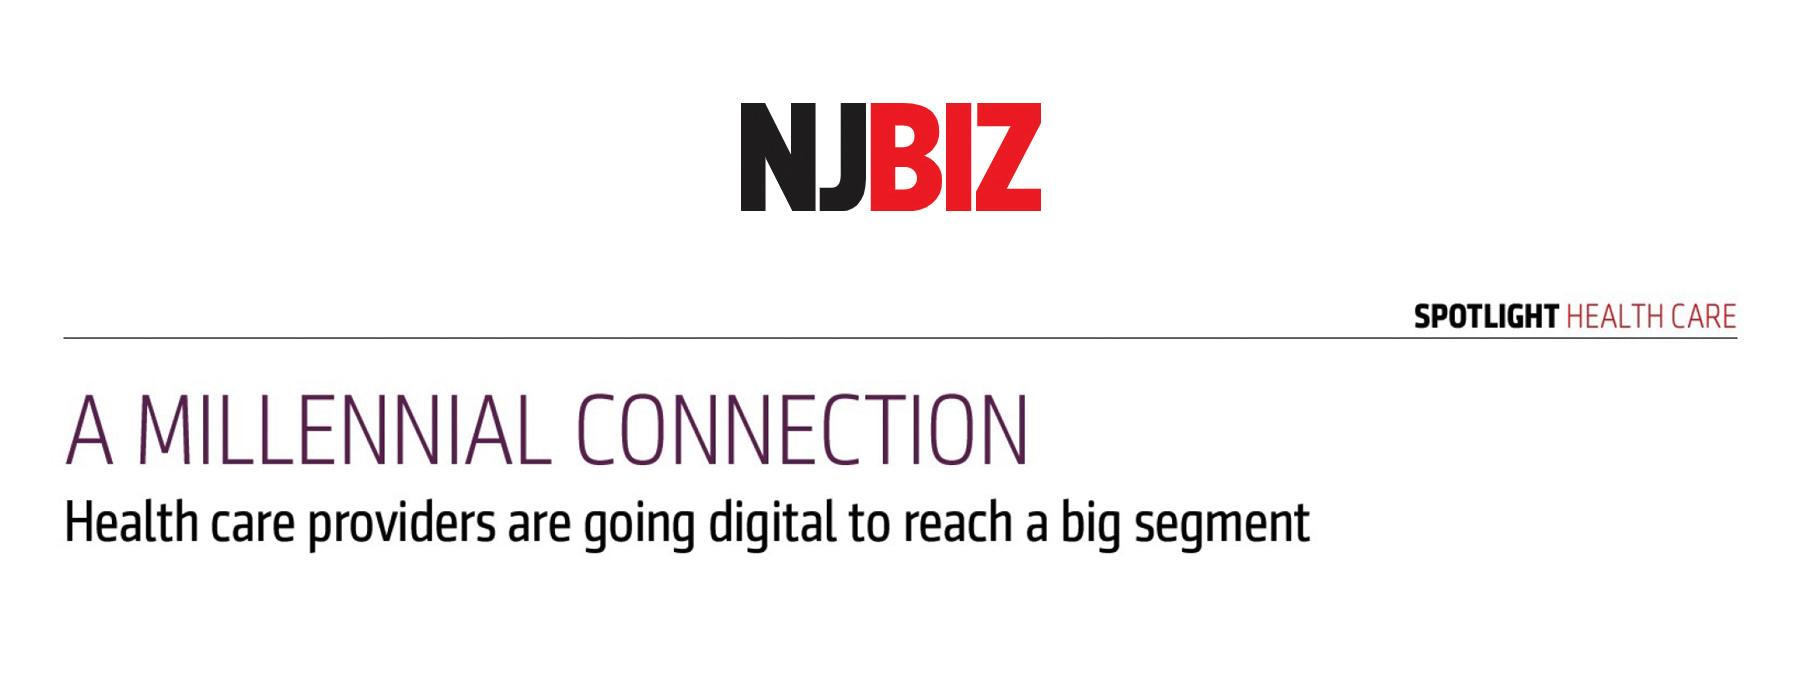 NJBIZ Millennials Marketing Article